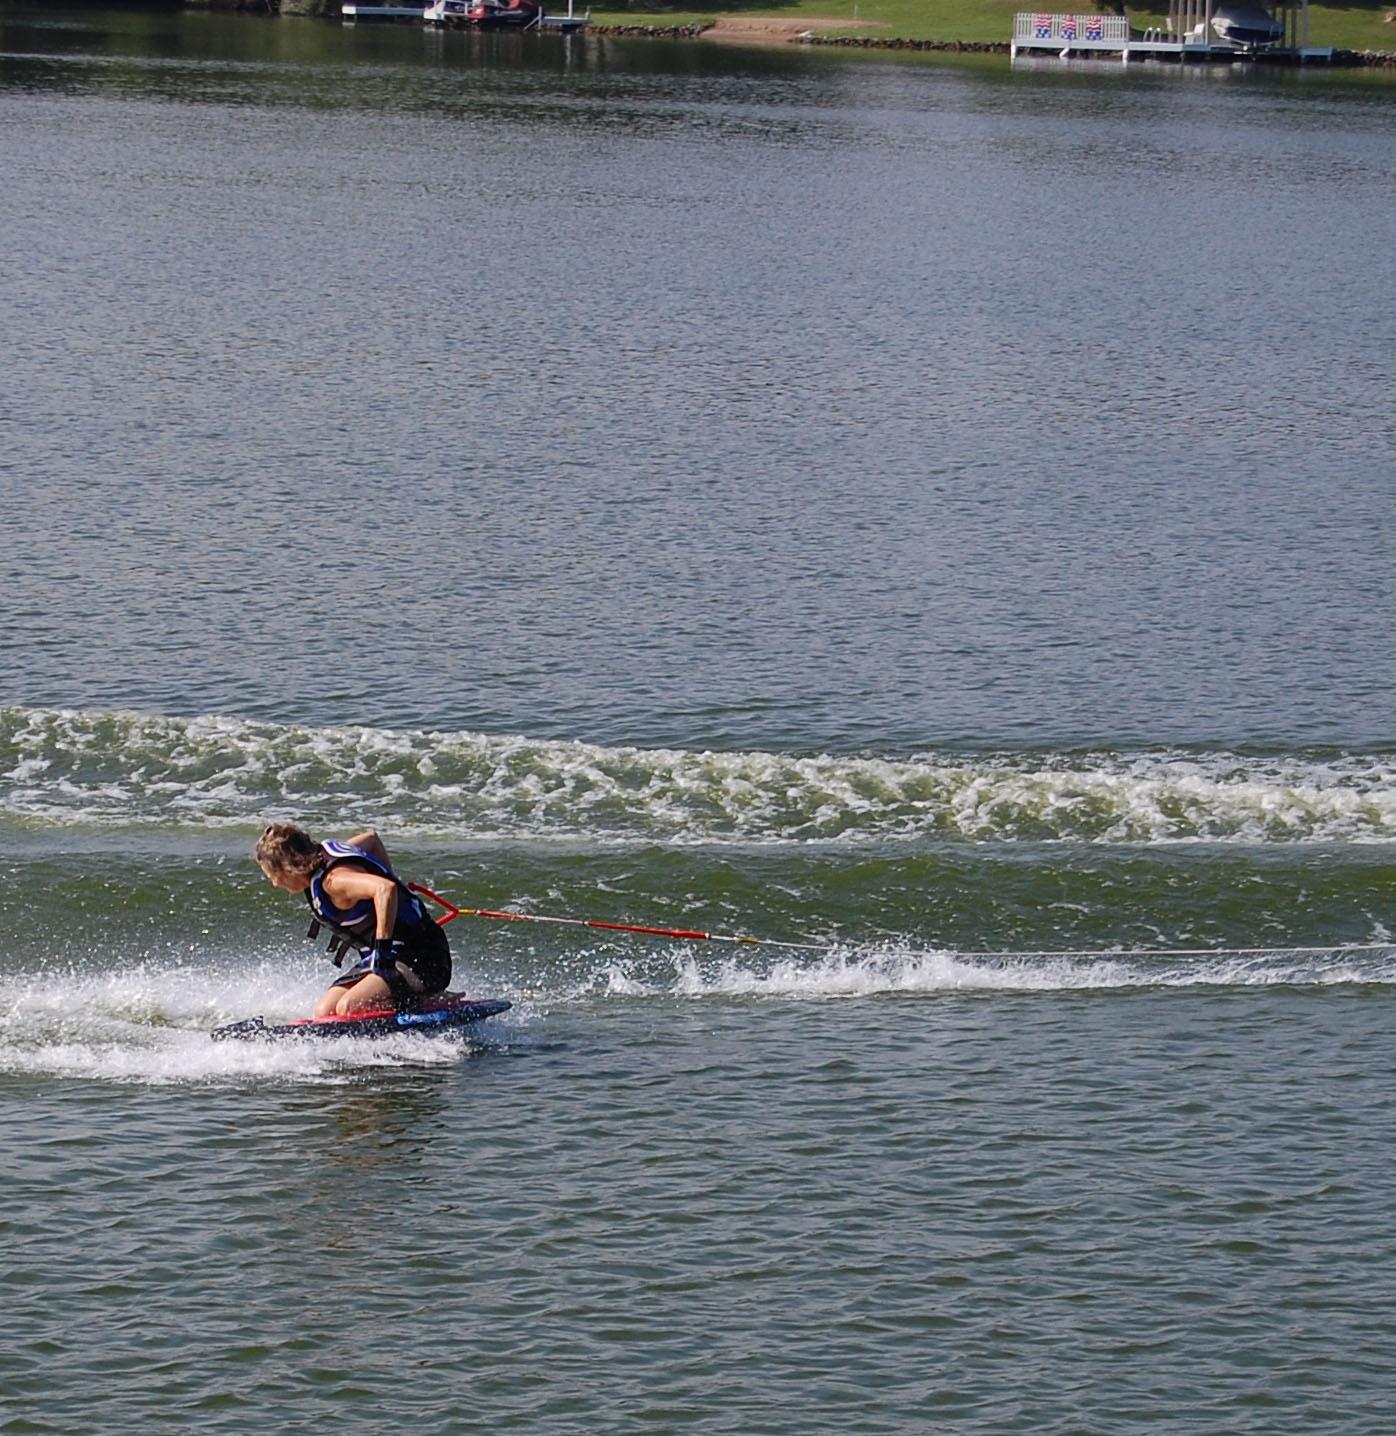 backwards skier.jpg